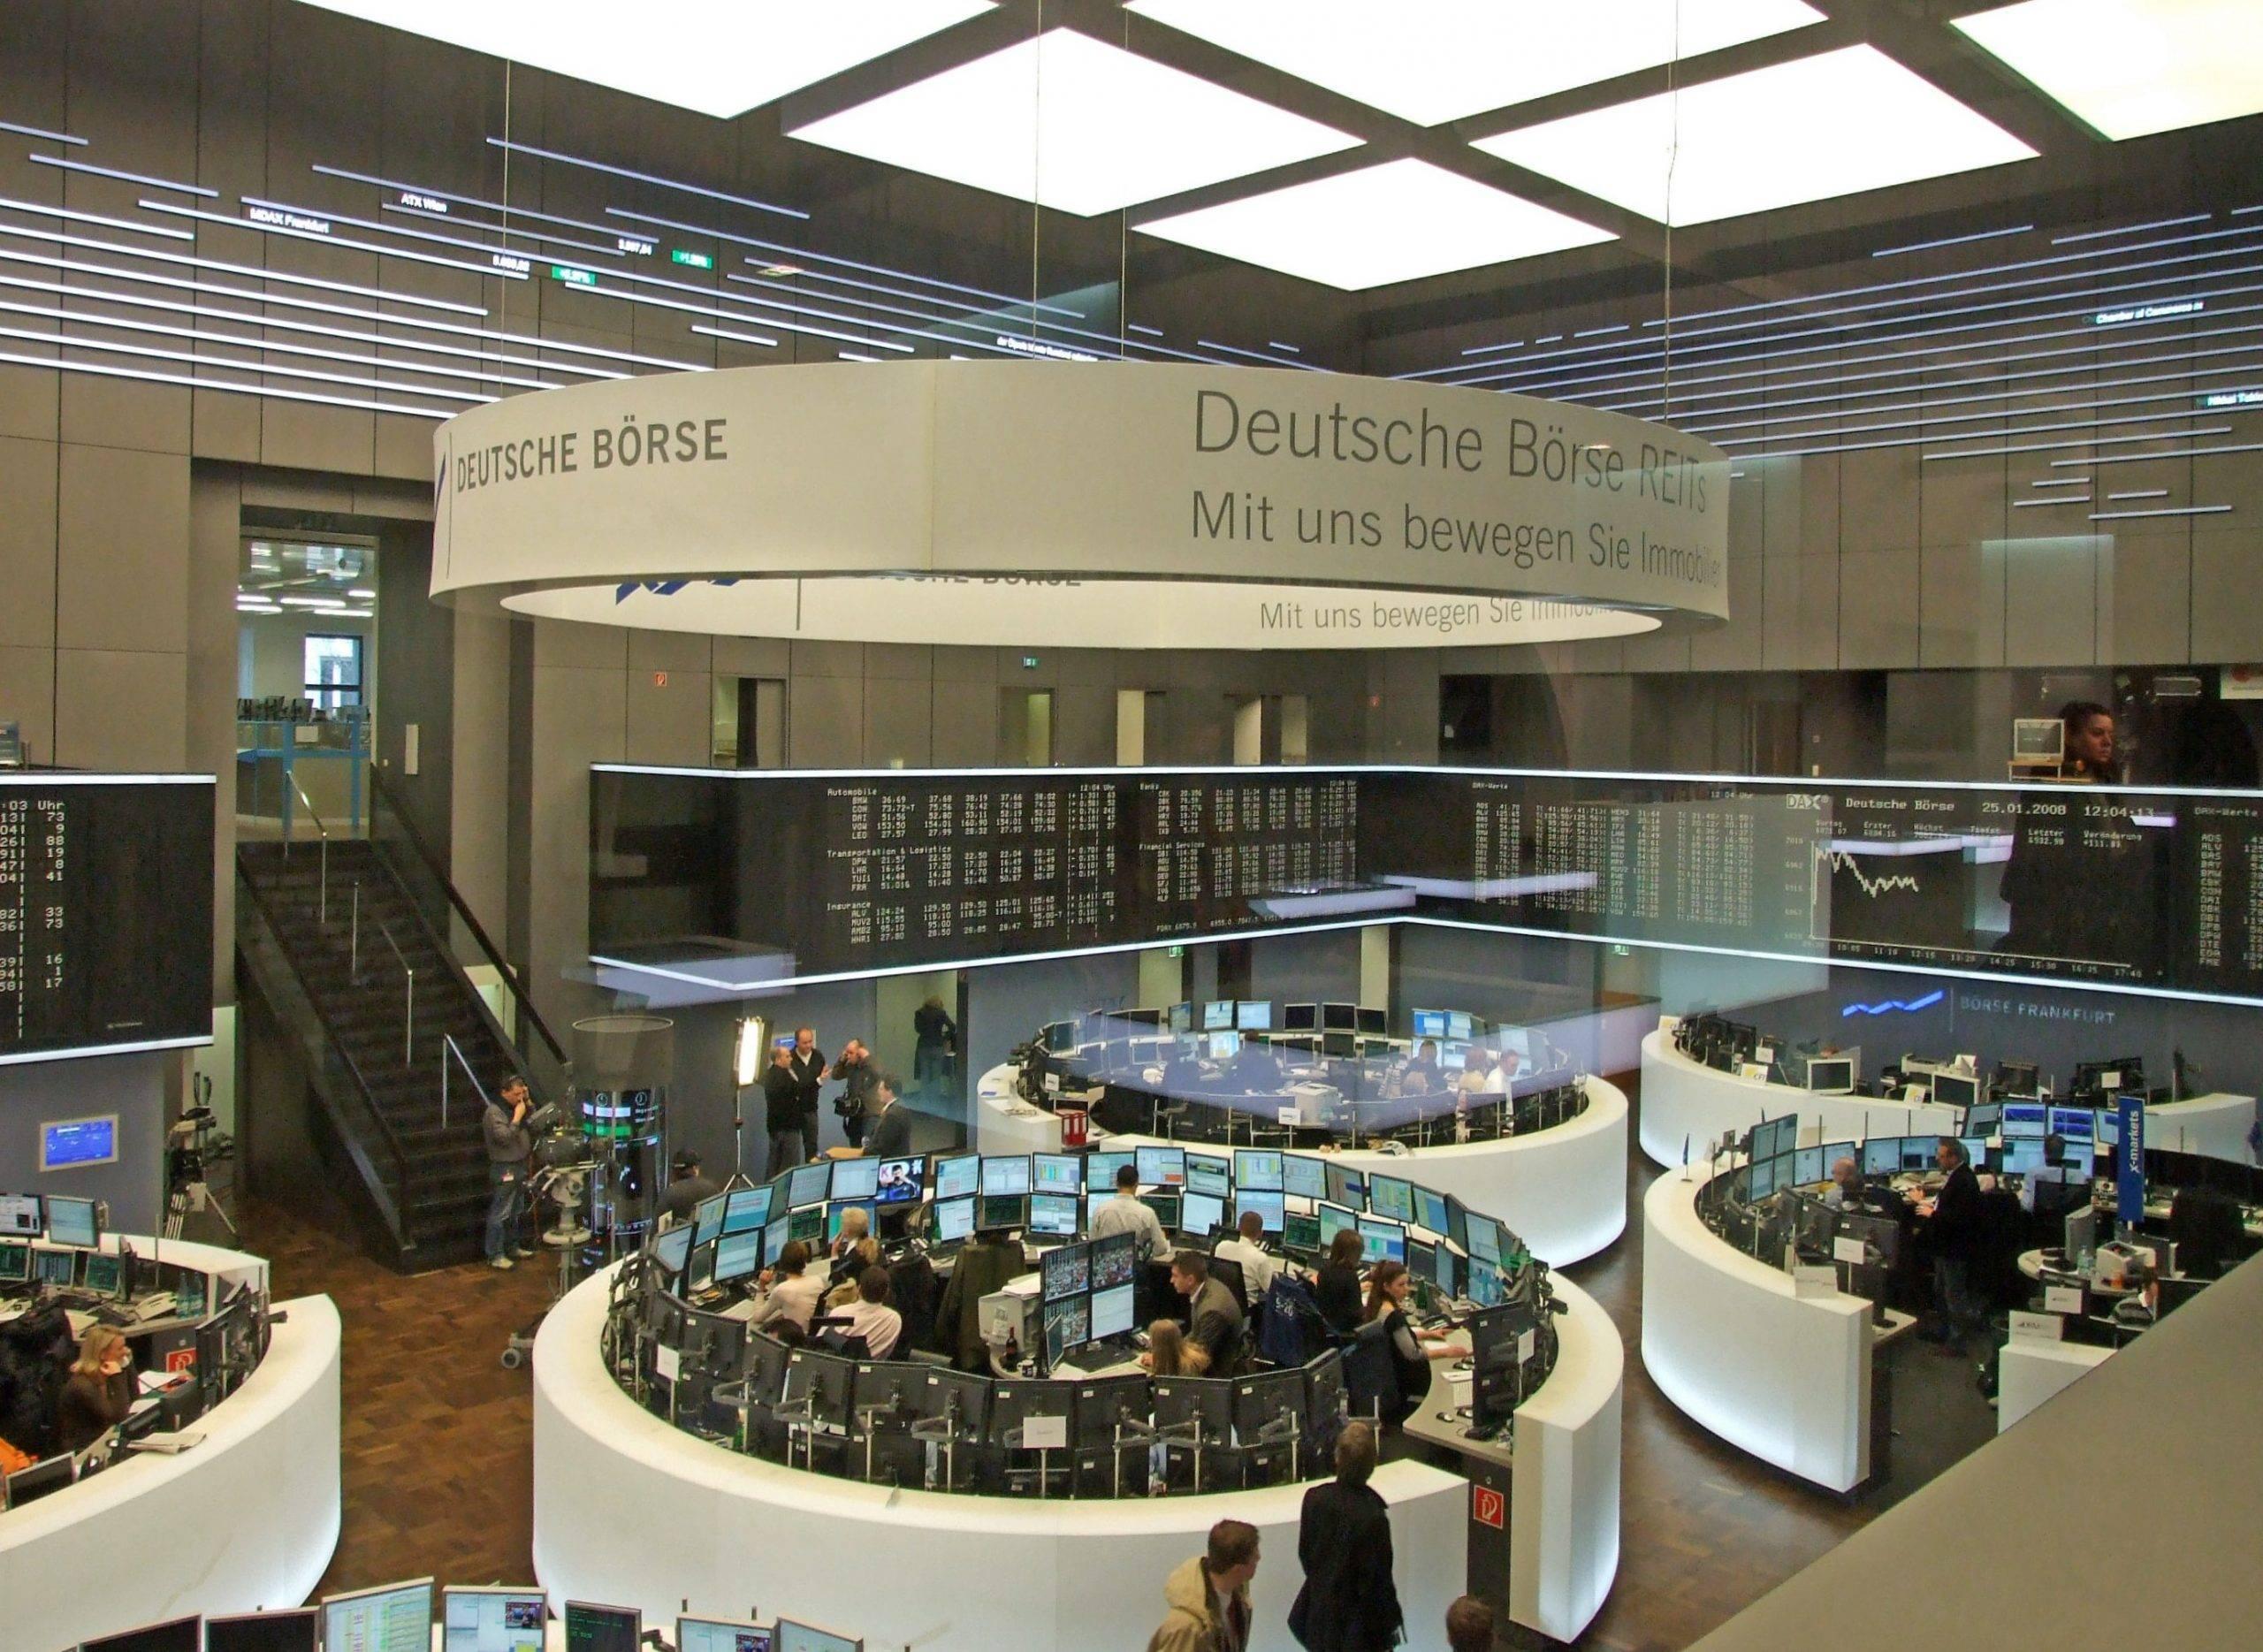 Франкфуртская биржа. фондовая биржа во франкфурте: история, участники, принцип работы